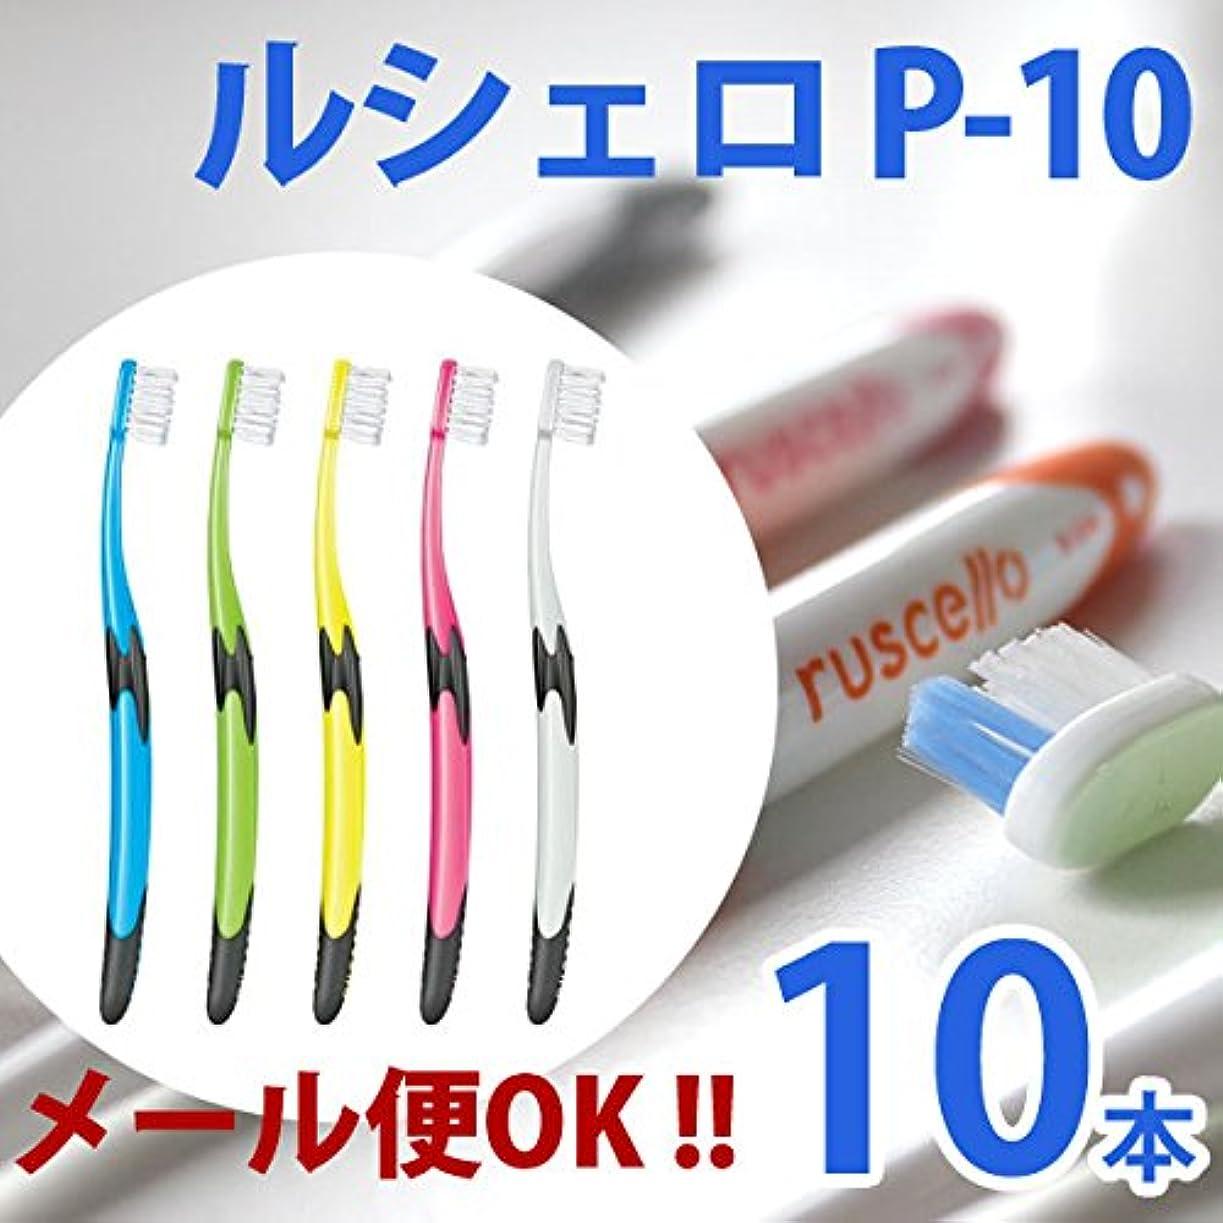 嫌悪証拠バイオリニストルシェロ GCシェロ 歯ブラシP-10 5色アソート 10本セット 歯周疾患の方向け。極細のテーパー毛が S